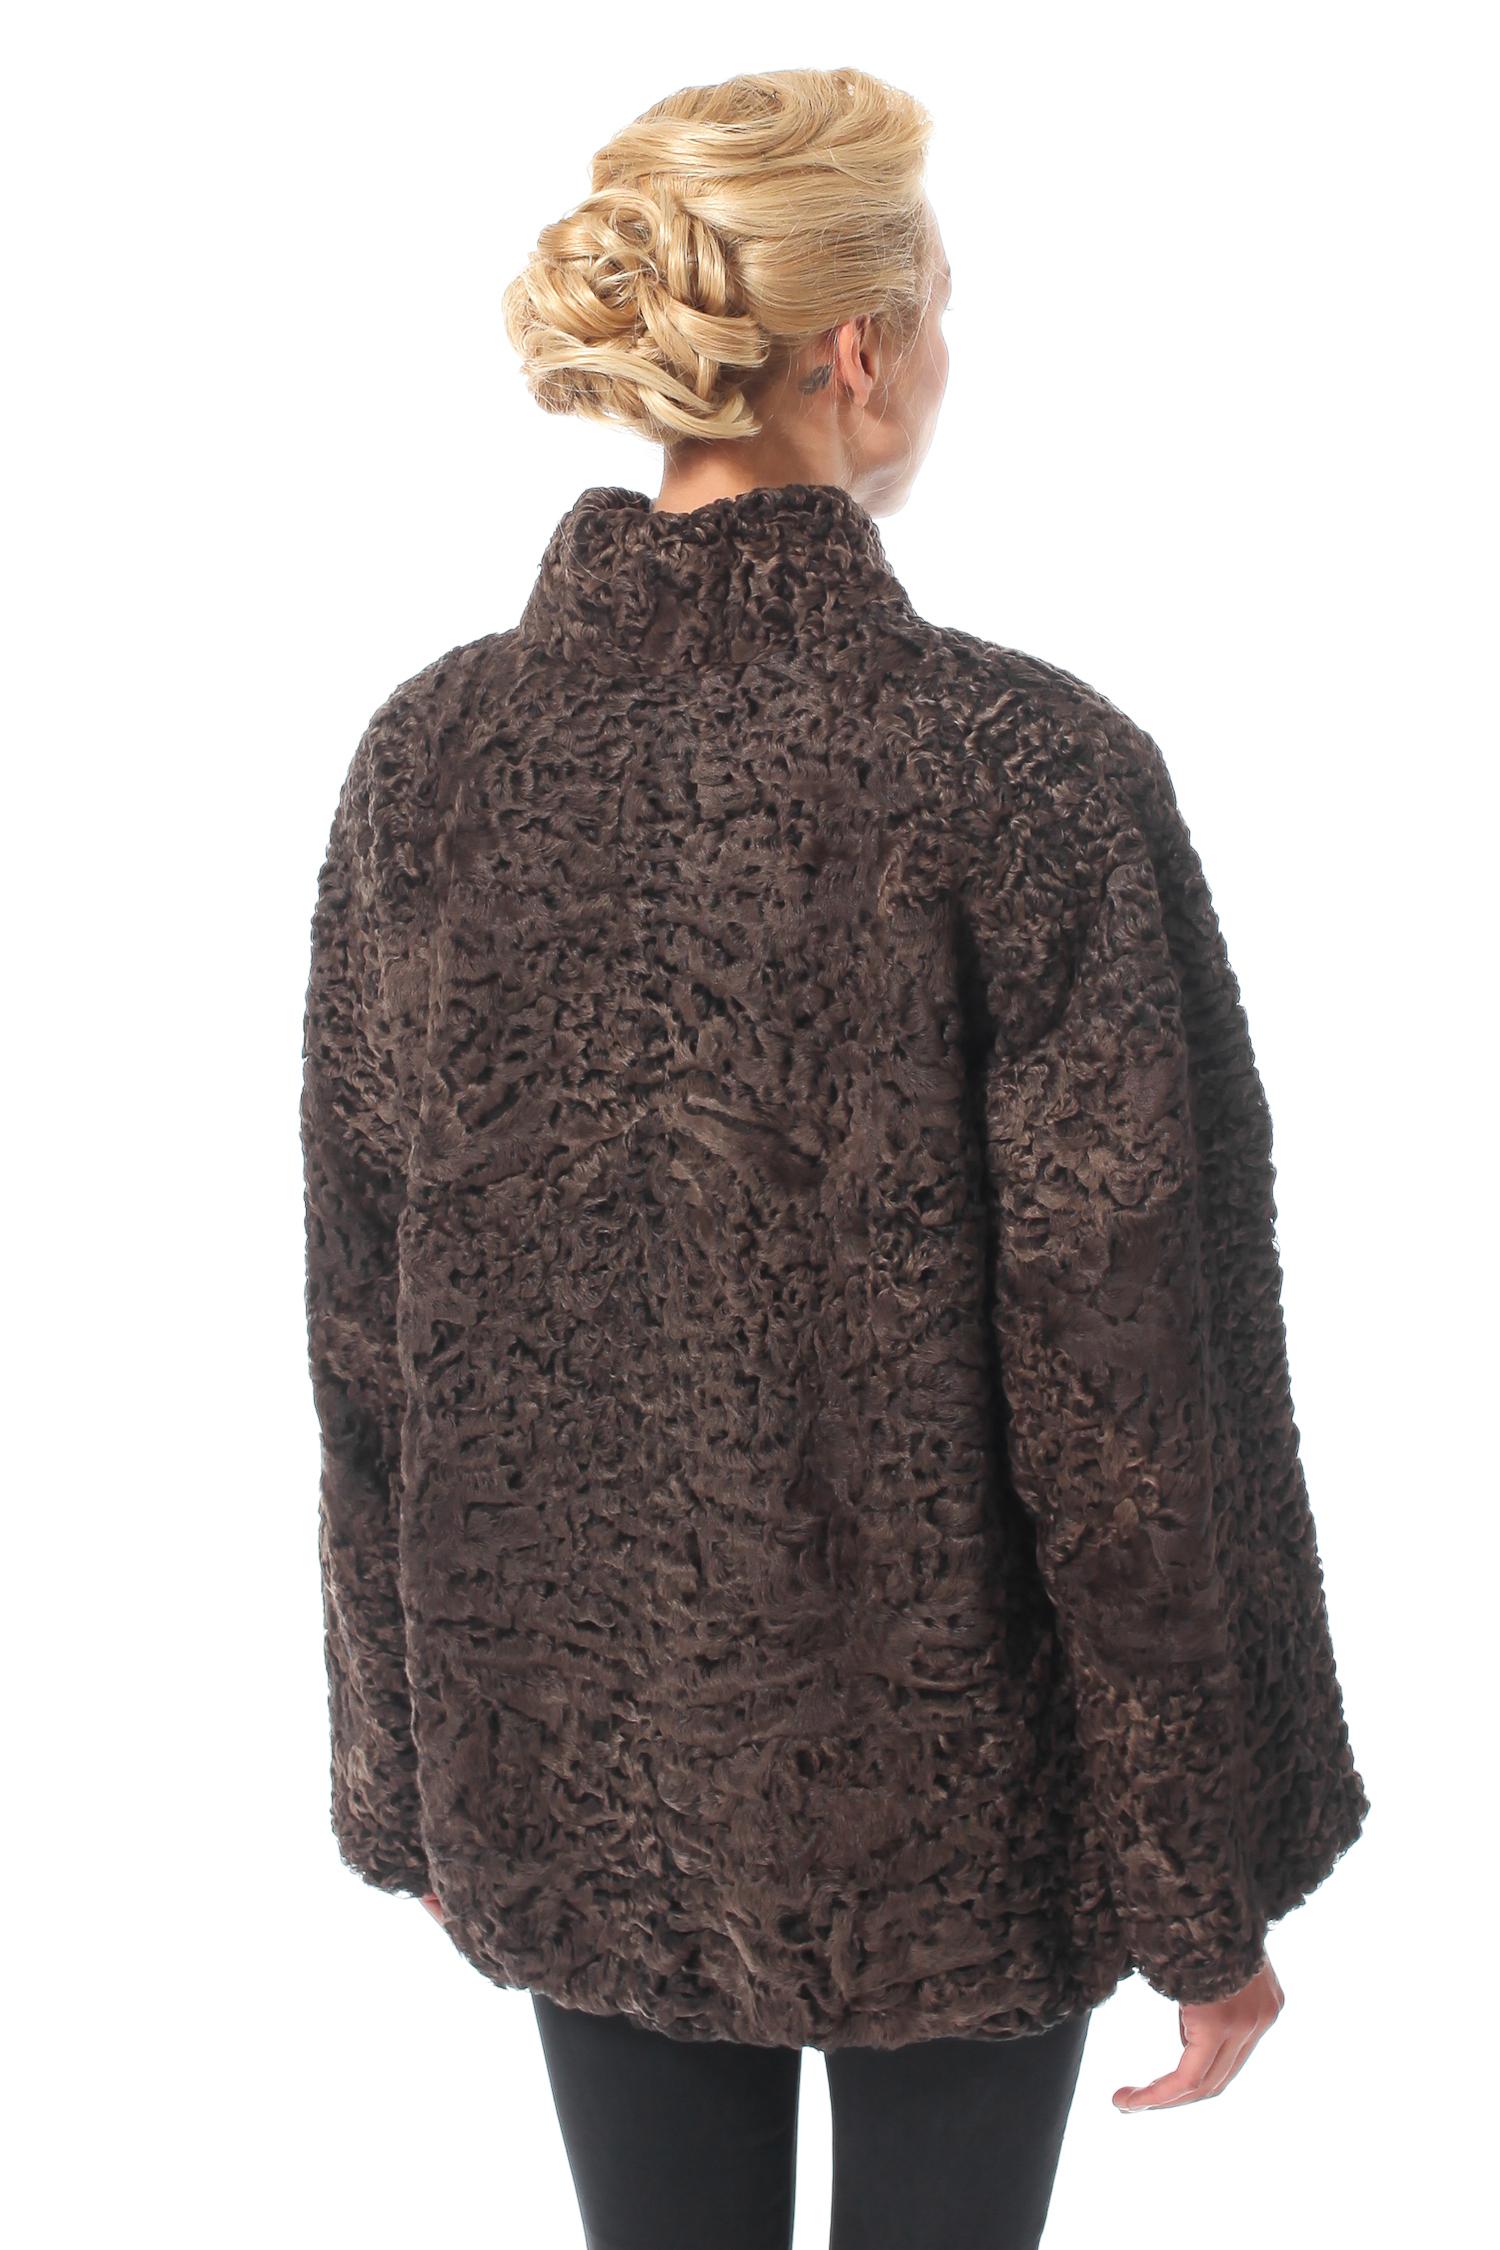 Фото 2 - Шубу из каракуля с воротником от МОСМЕХА коричневого цвета